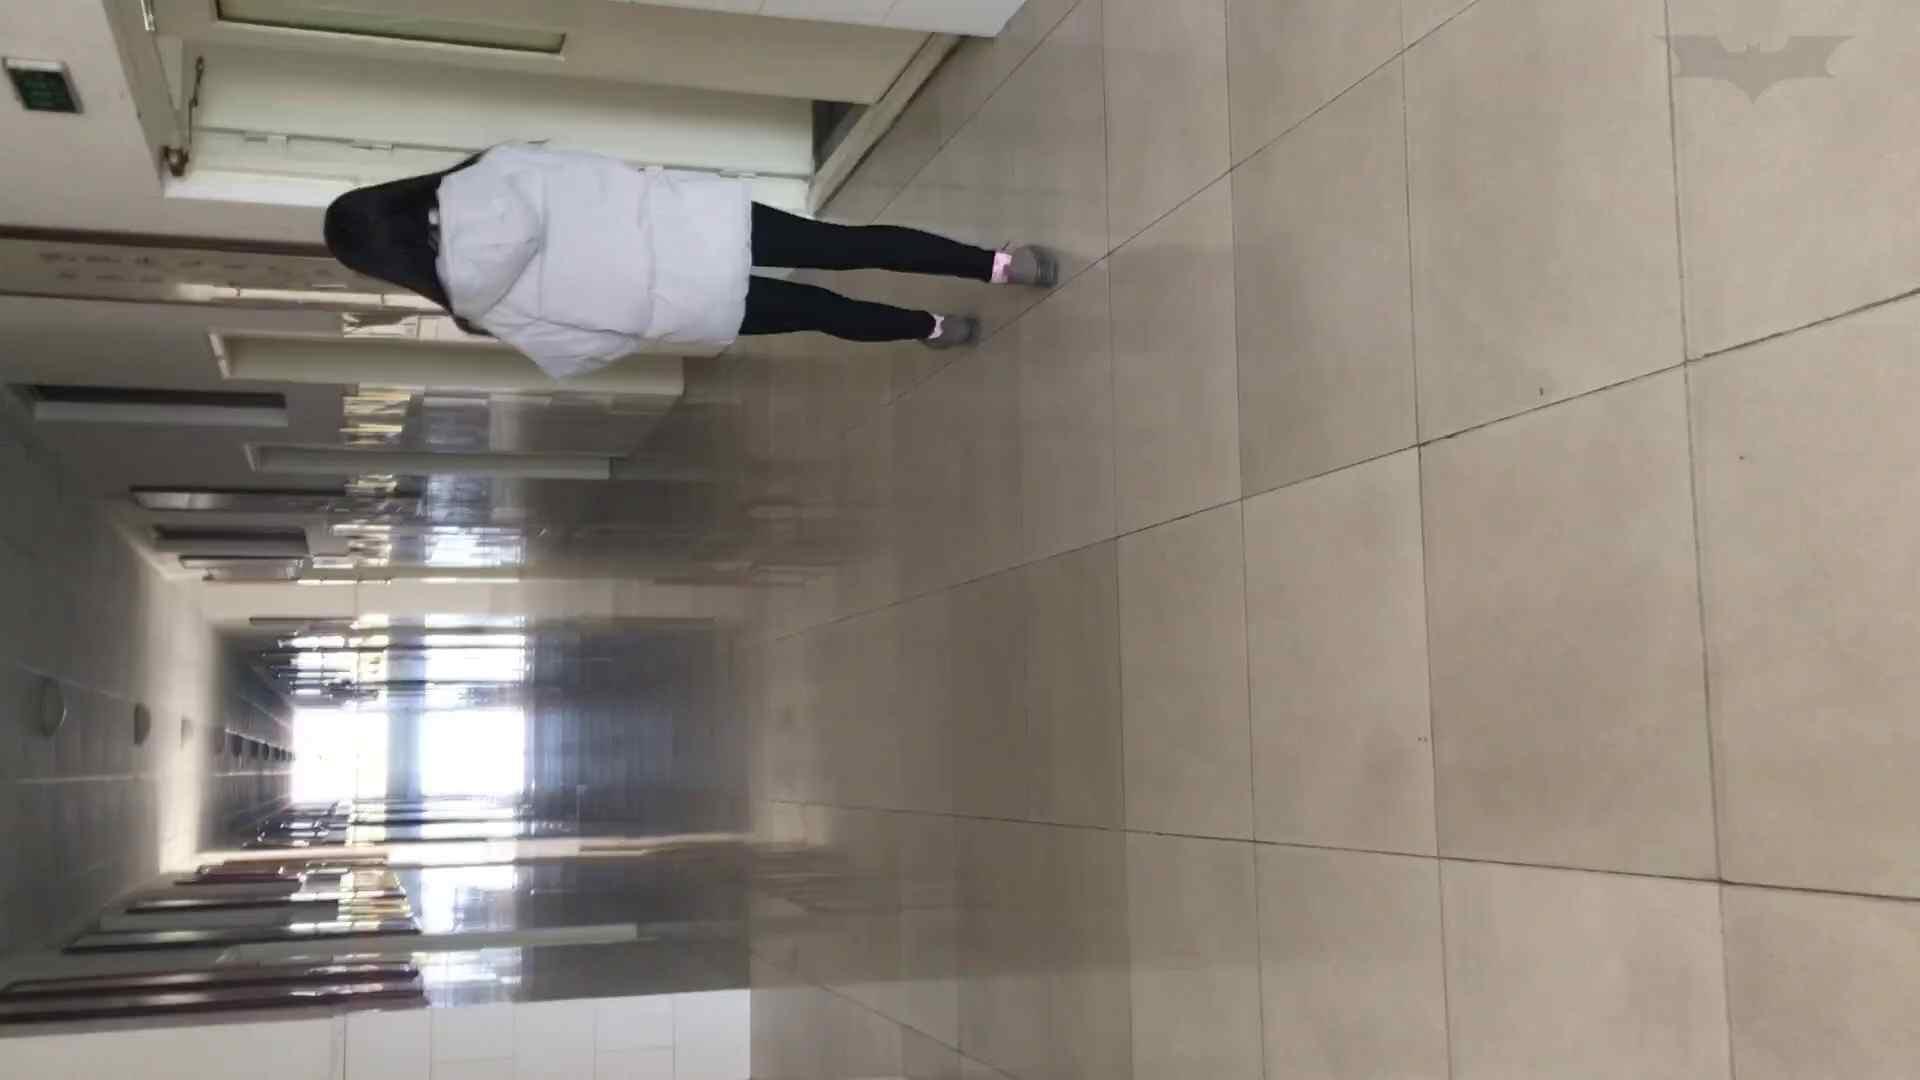 芸術大学ガチ潜入盗撮 JD盗撮 美女の洗面所の秘密 Vol.80 トイレ中 | 洗面所着替え  64連発 20